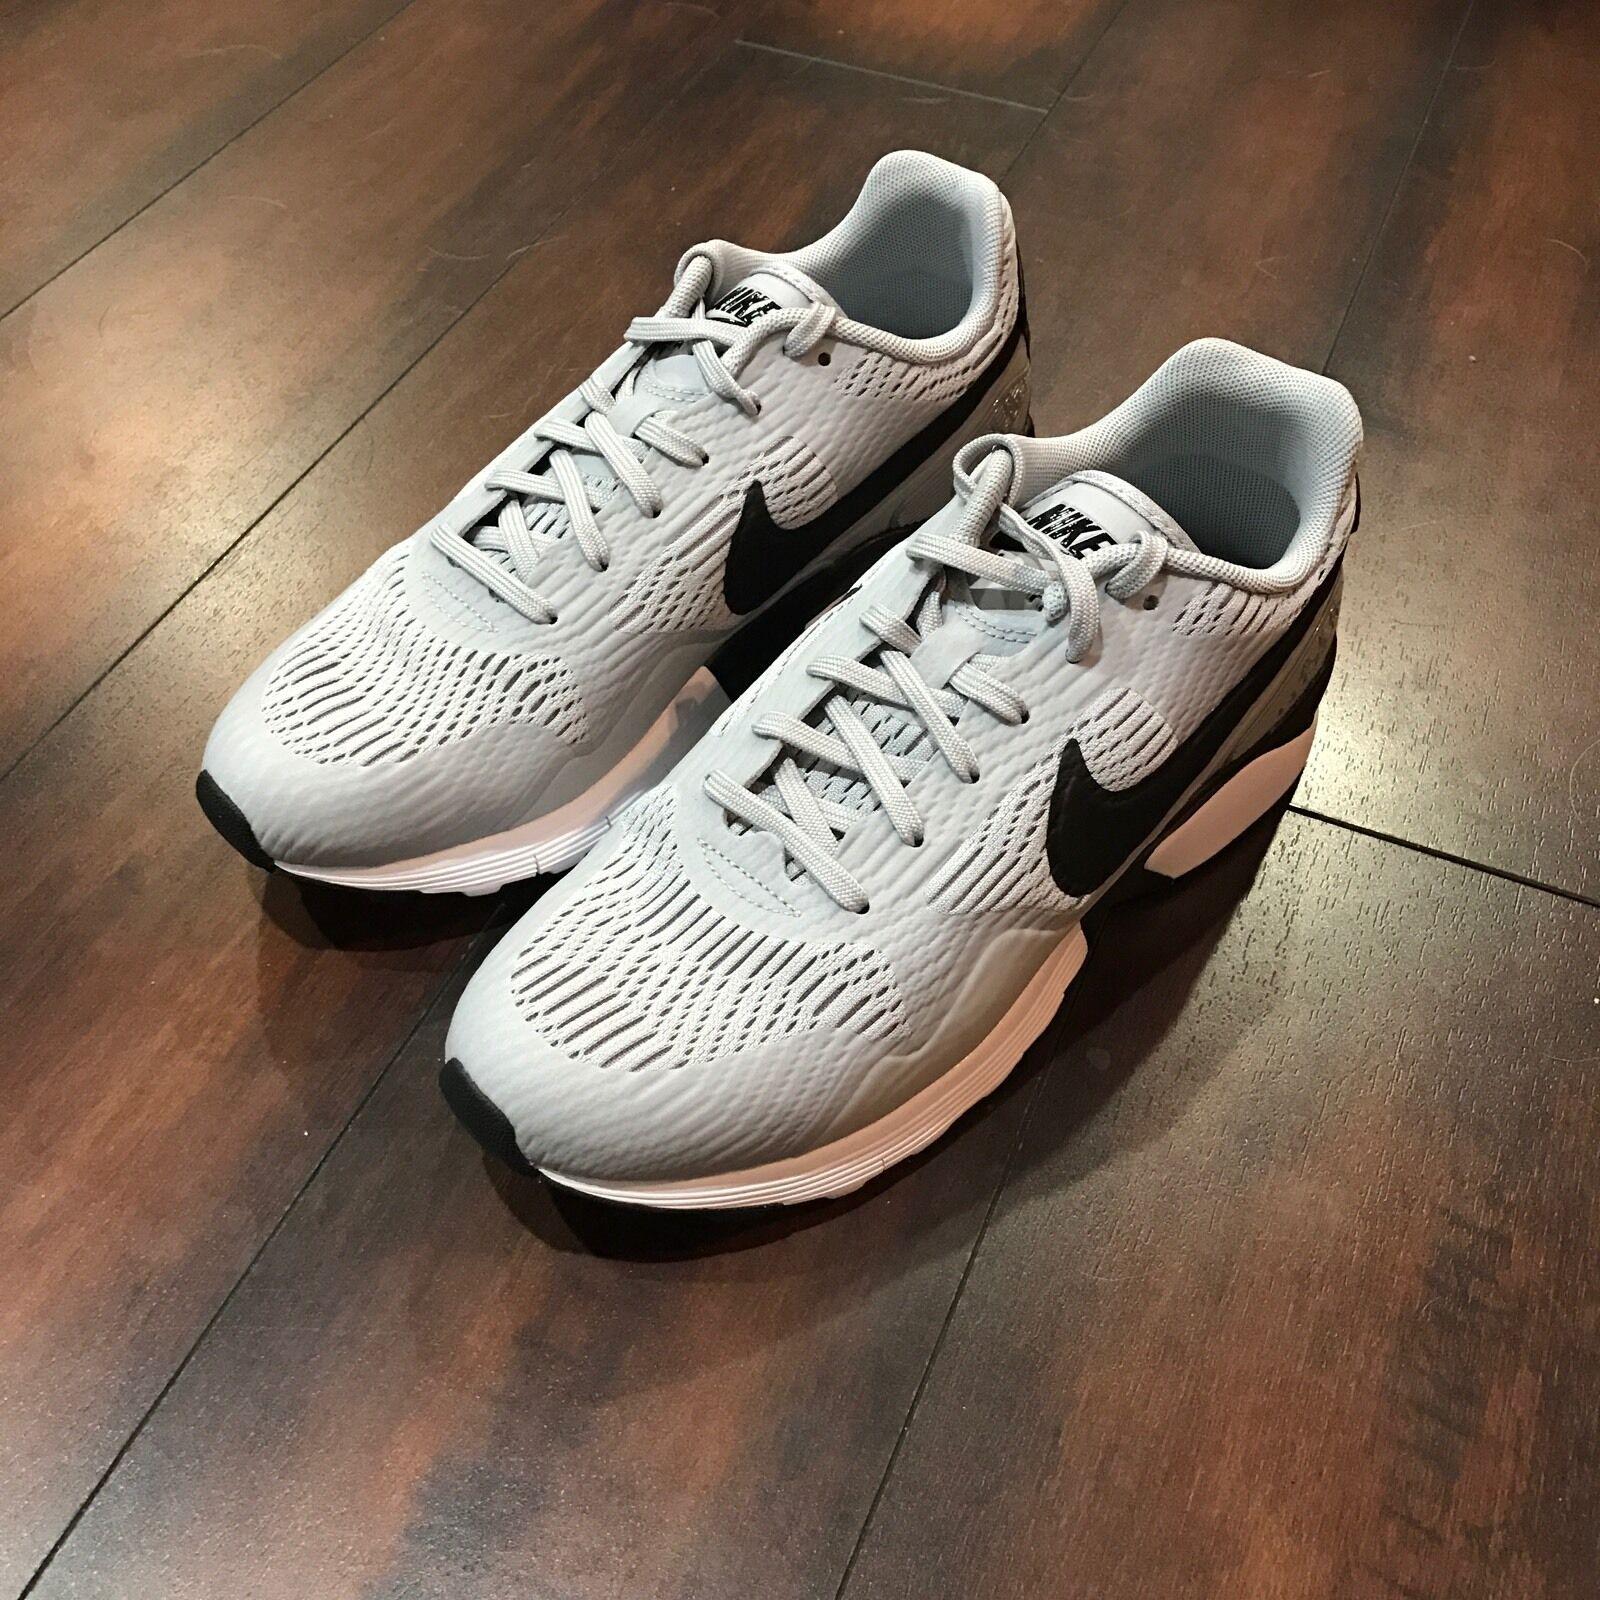 Nike Air Pegasus Pegasus Pegasus 92 16 Women's Wolf Grey Running shoes 845012-002 Size 5 69b9af